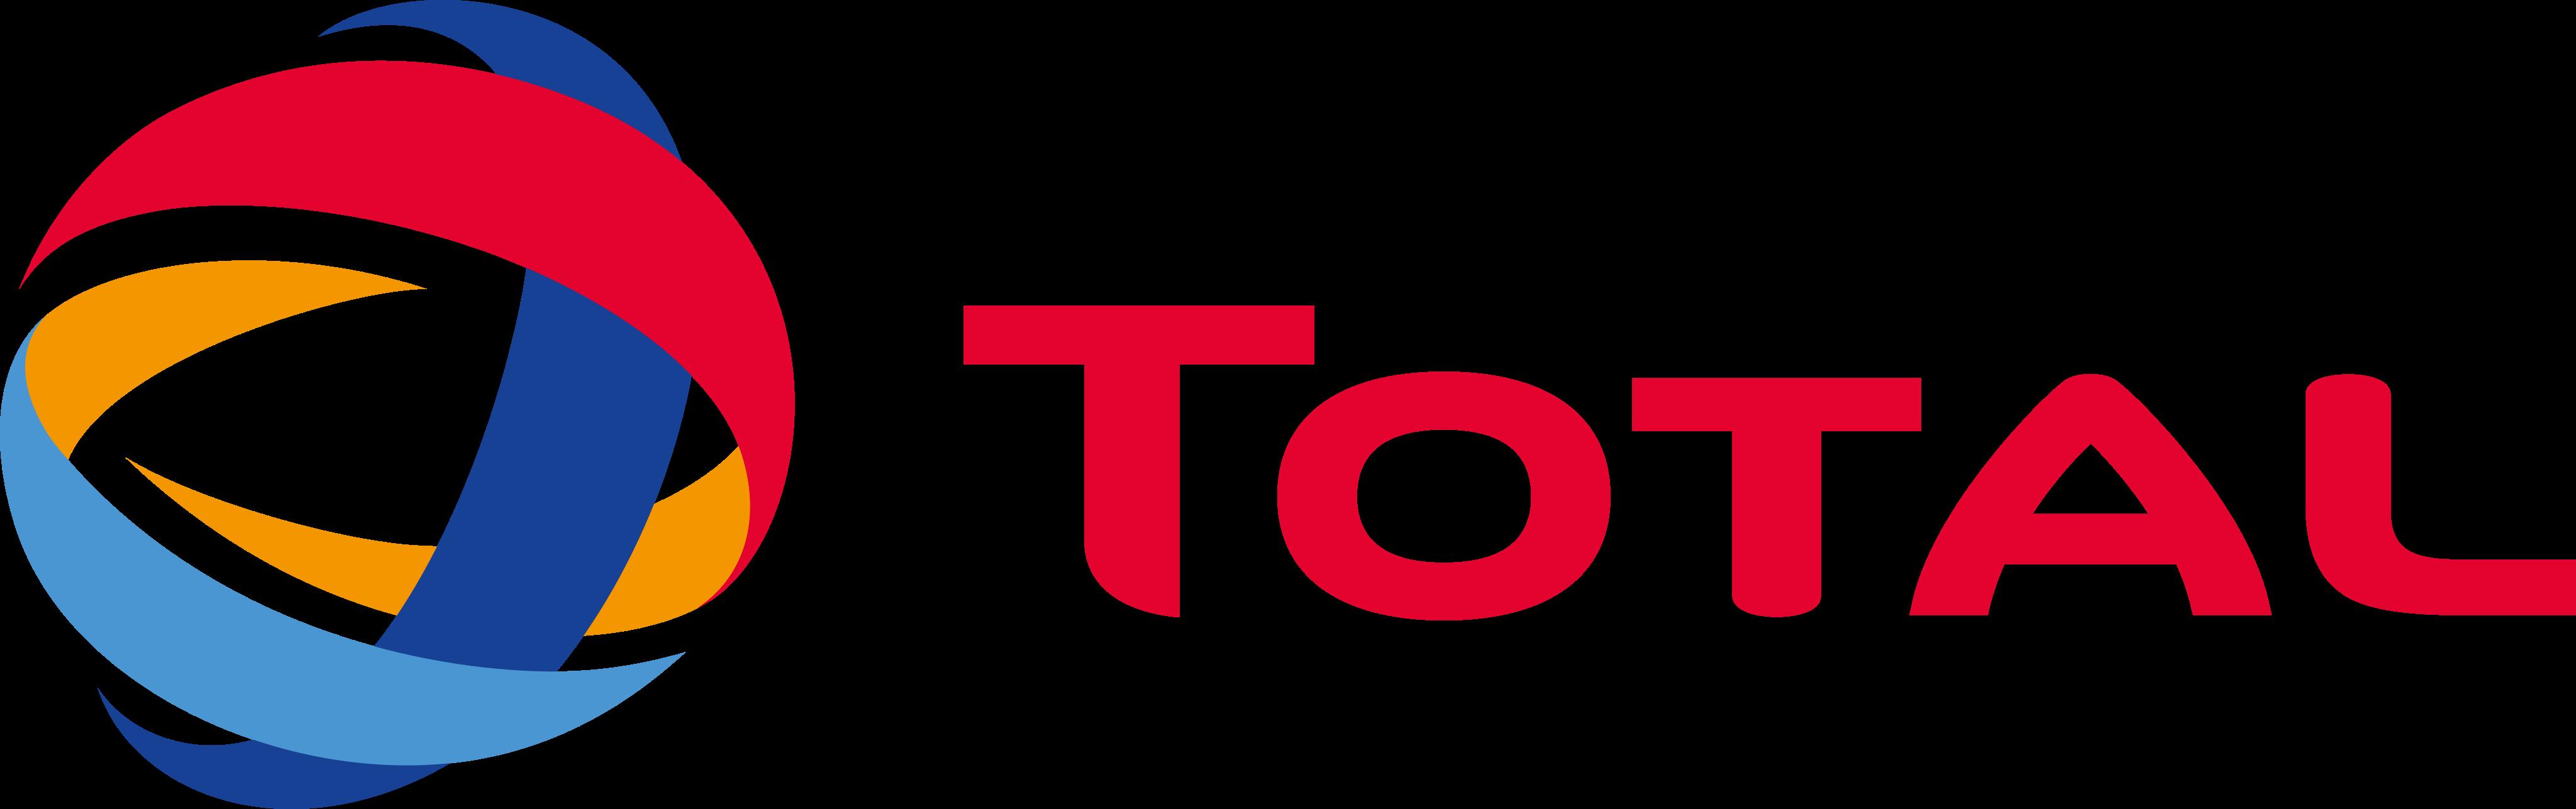 total logo - Total Logo